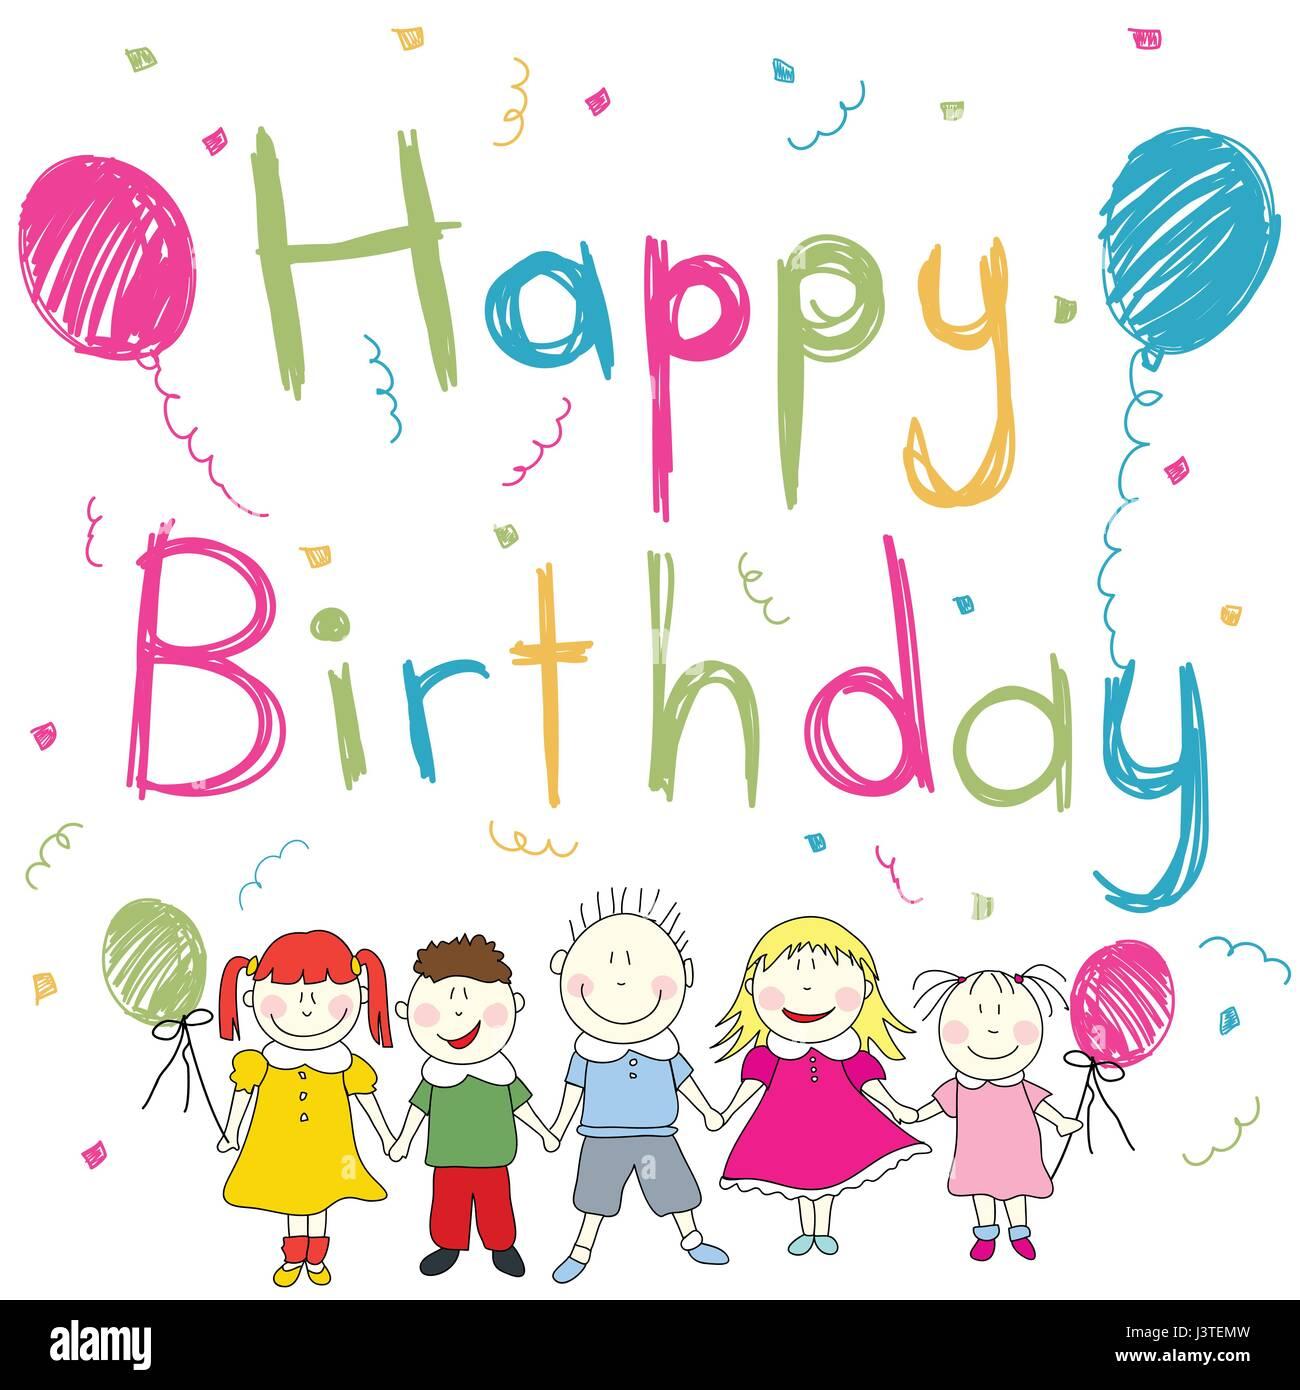 Happy Birthday Card Vektor Abbildung